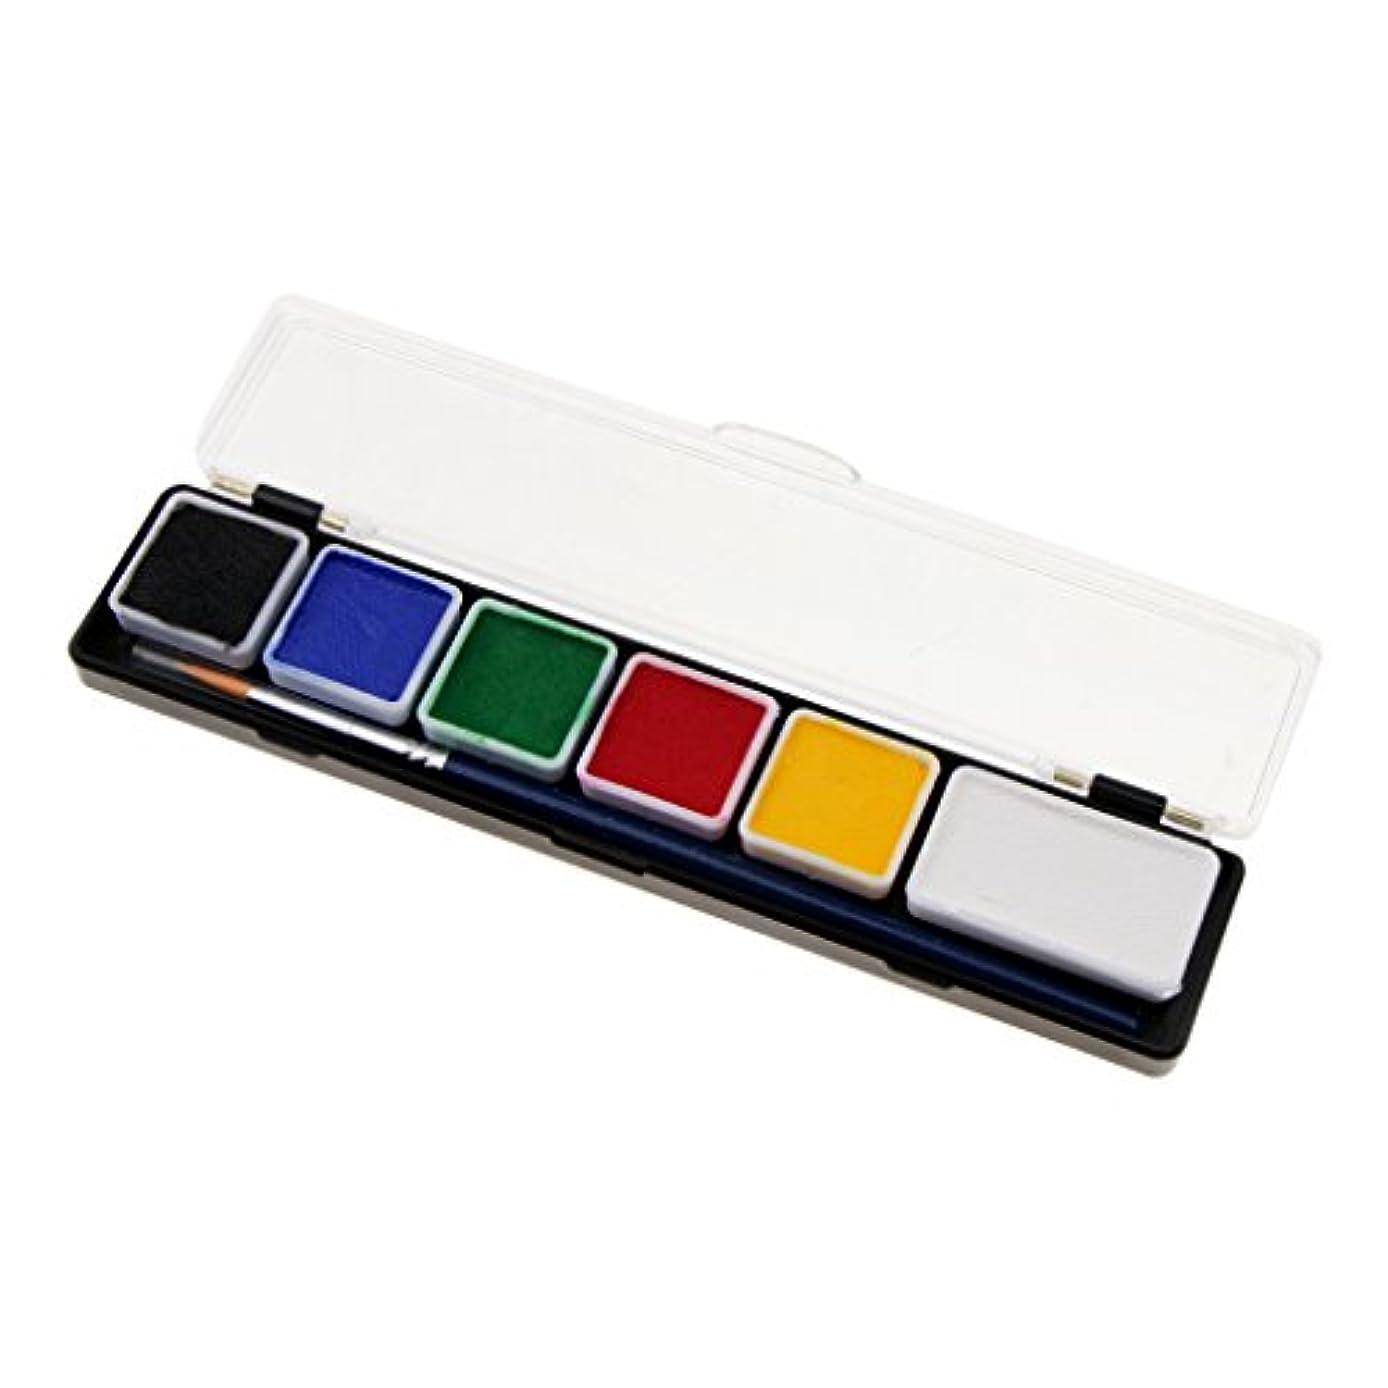 おとうさんマイクロプロセッサ遊びますフェイスペイントパレット ボディーペイント 化粧ブラシ 絵画 パーティー 応援 ハロウィン 6スタイル選べ - RT005A